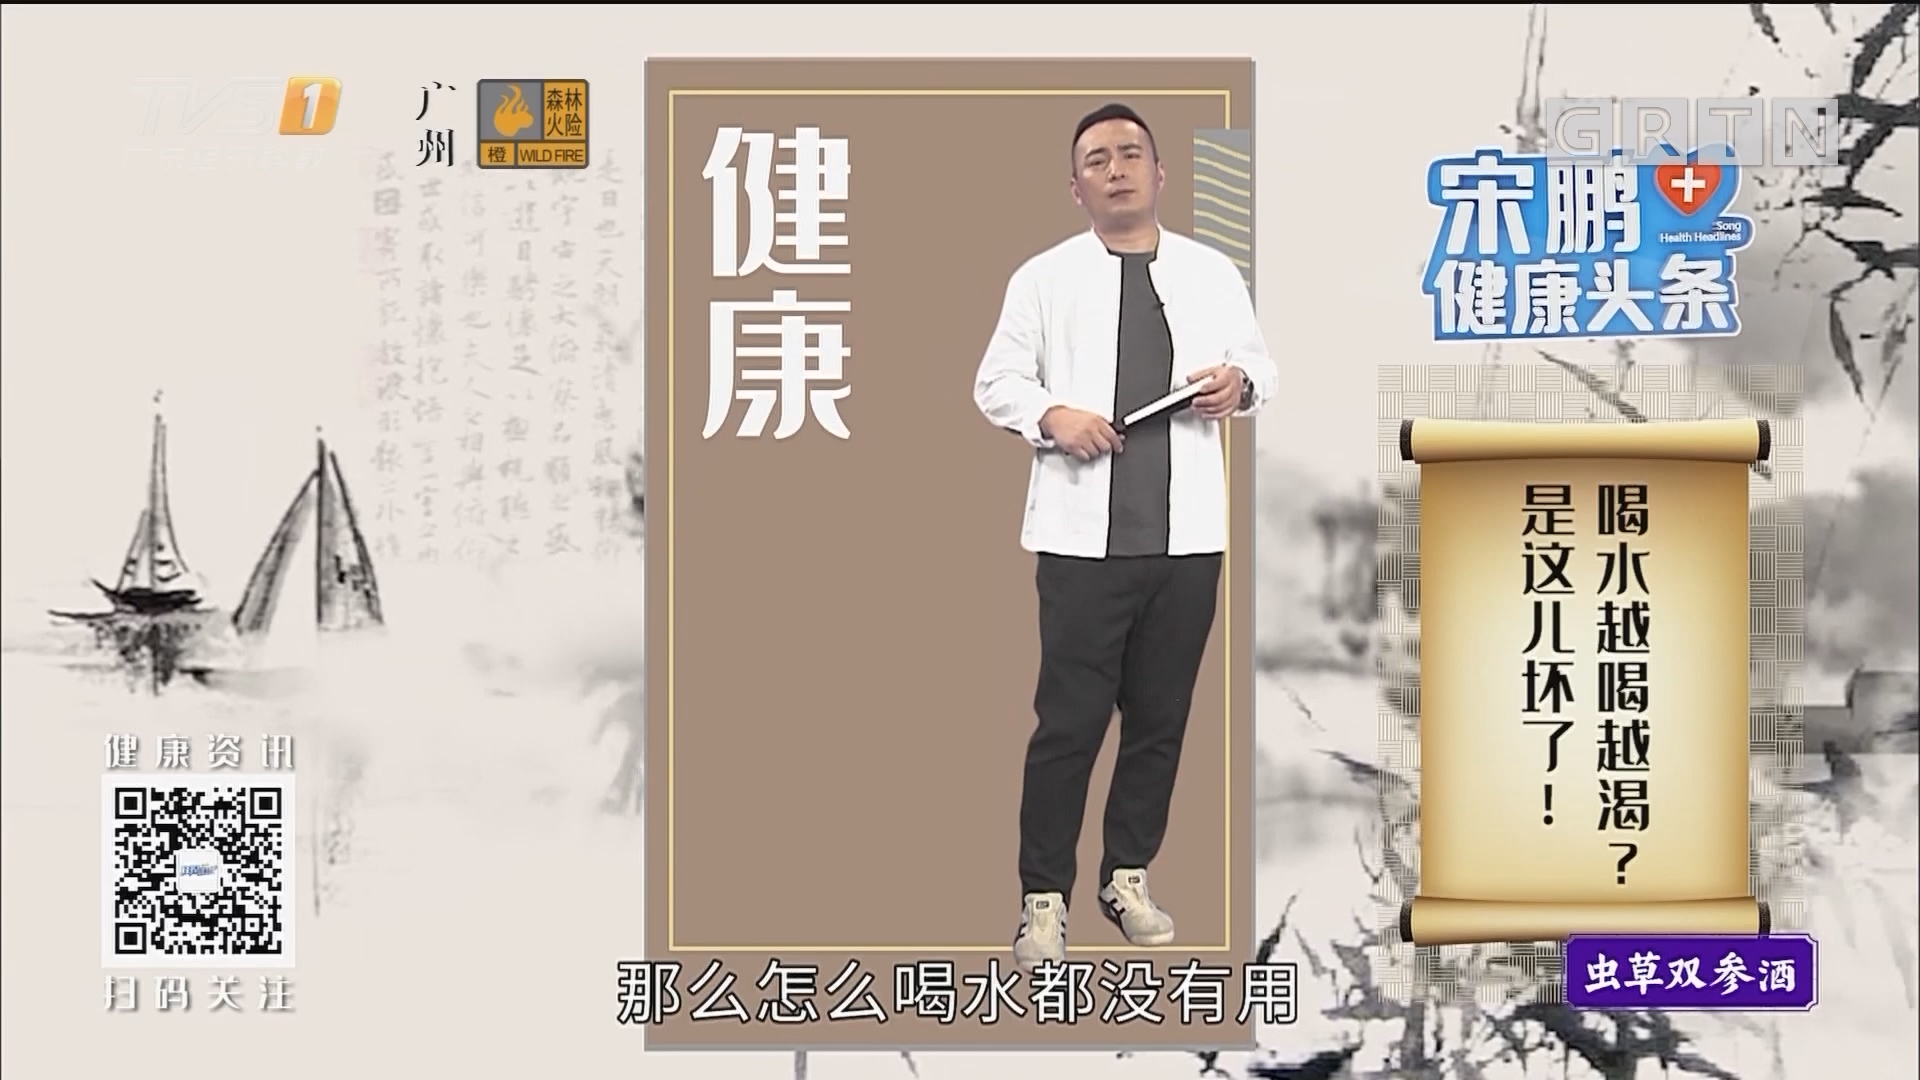 [HD][2019-09-25]經視健康+:宋鵬健康頭條:喝水越喝越渴?是這兒壞了!